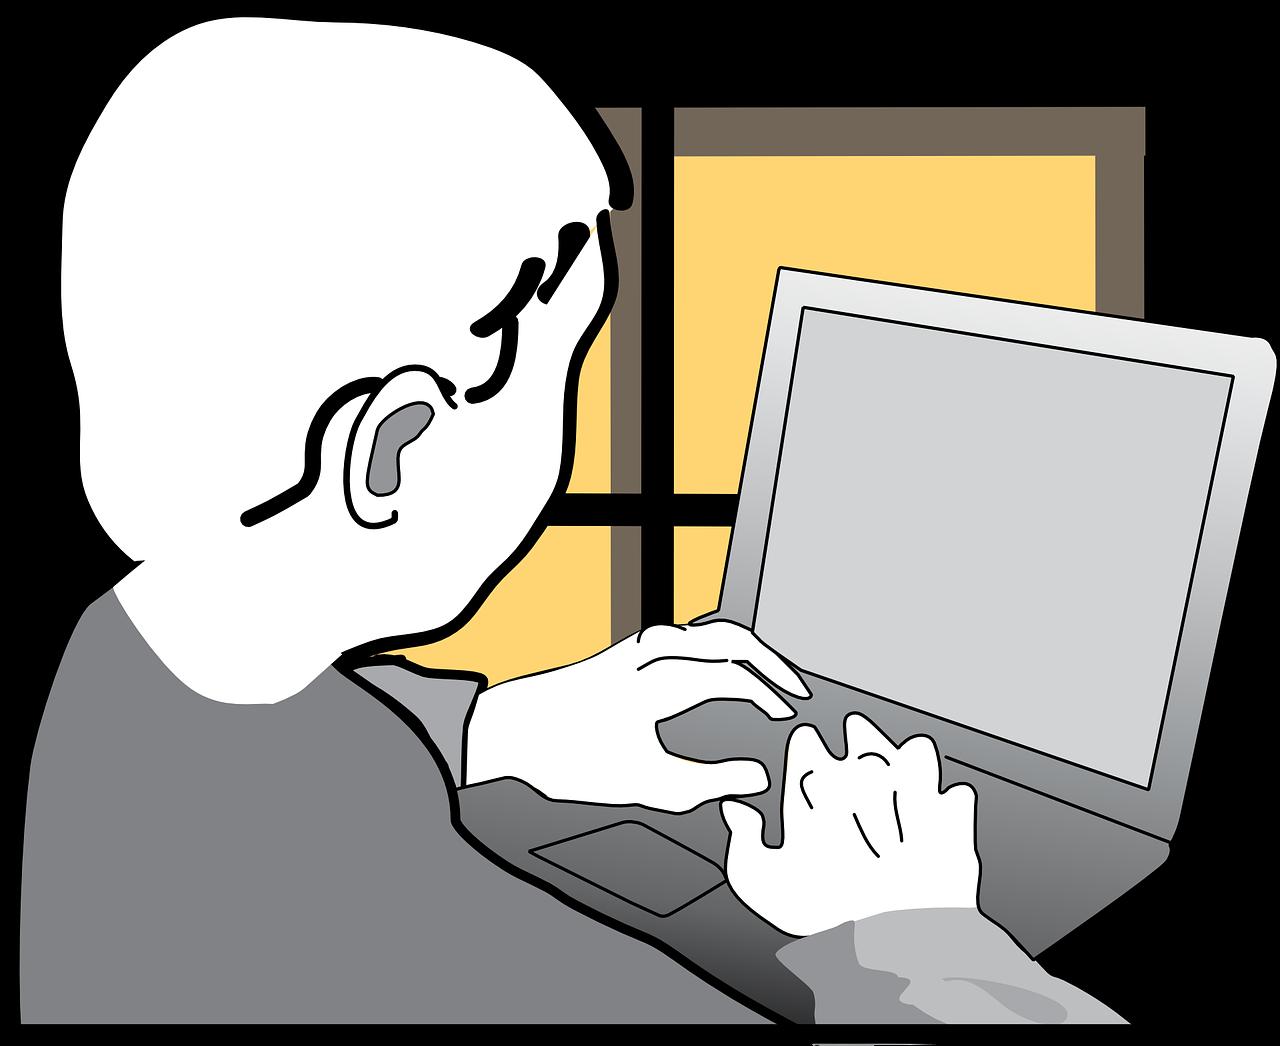 Junger Mensch tippt auf Laptop. Im Hintergrund ein Fenster mit gelben Scheiben.